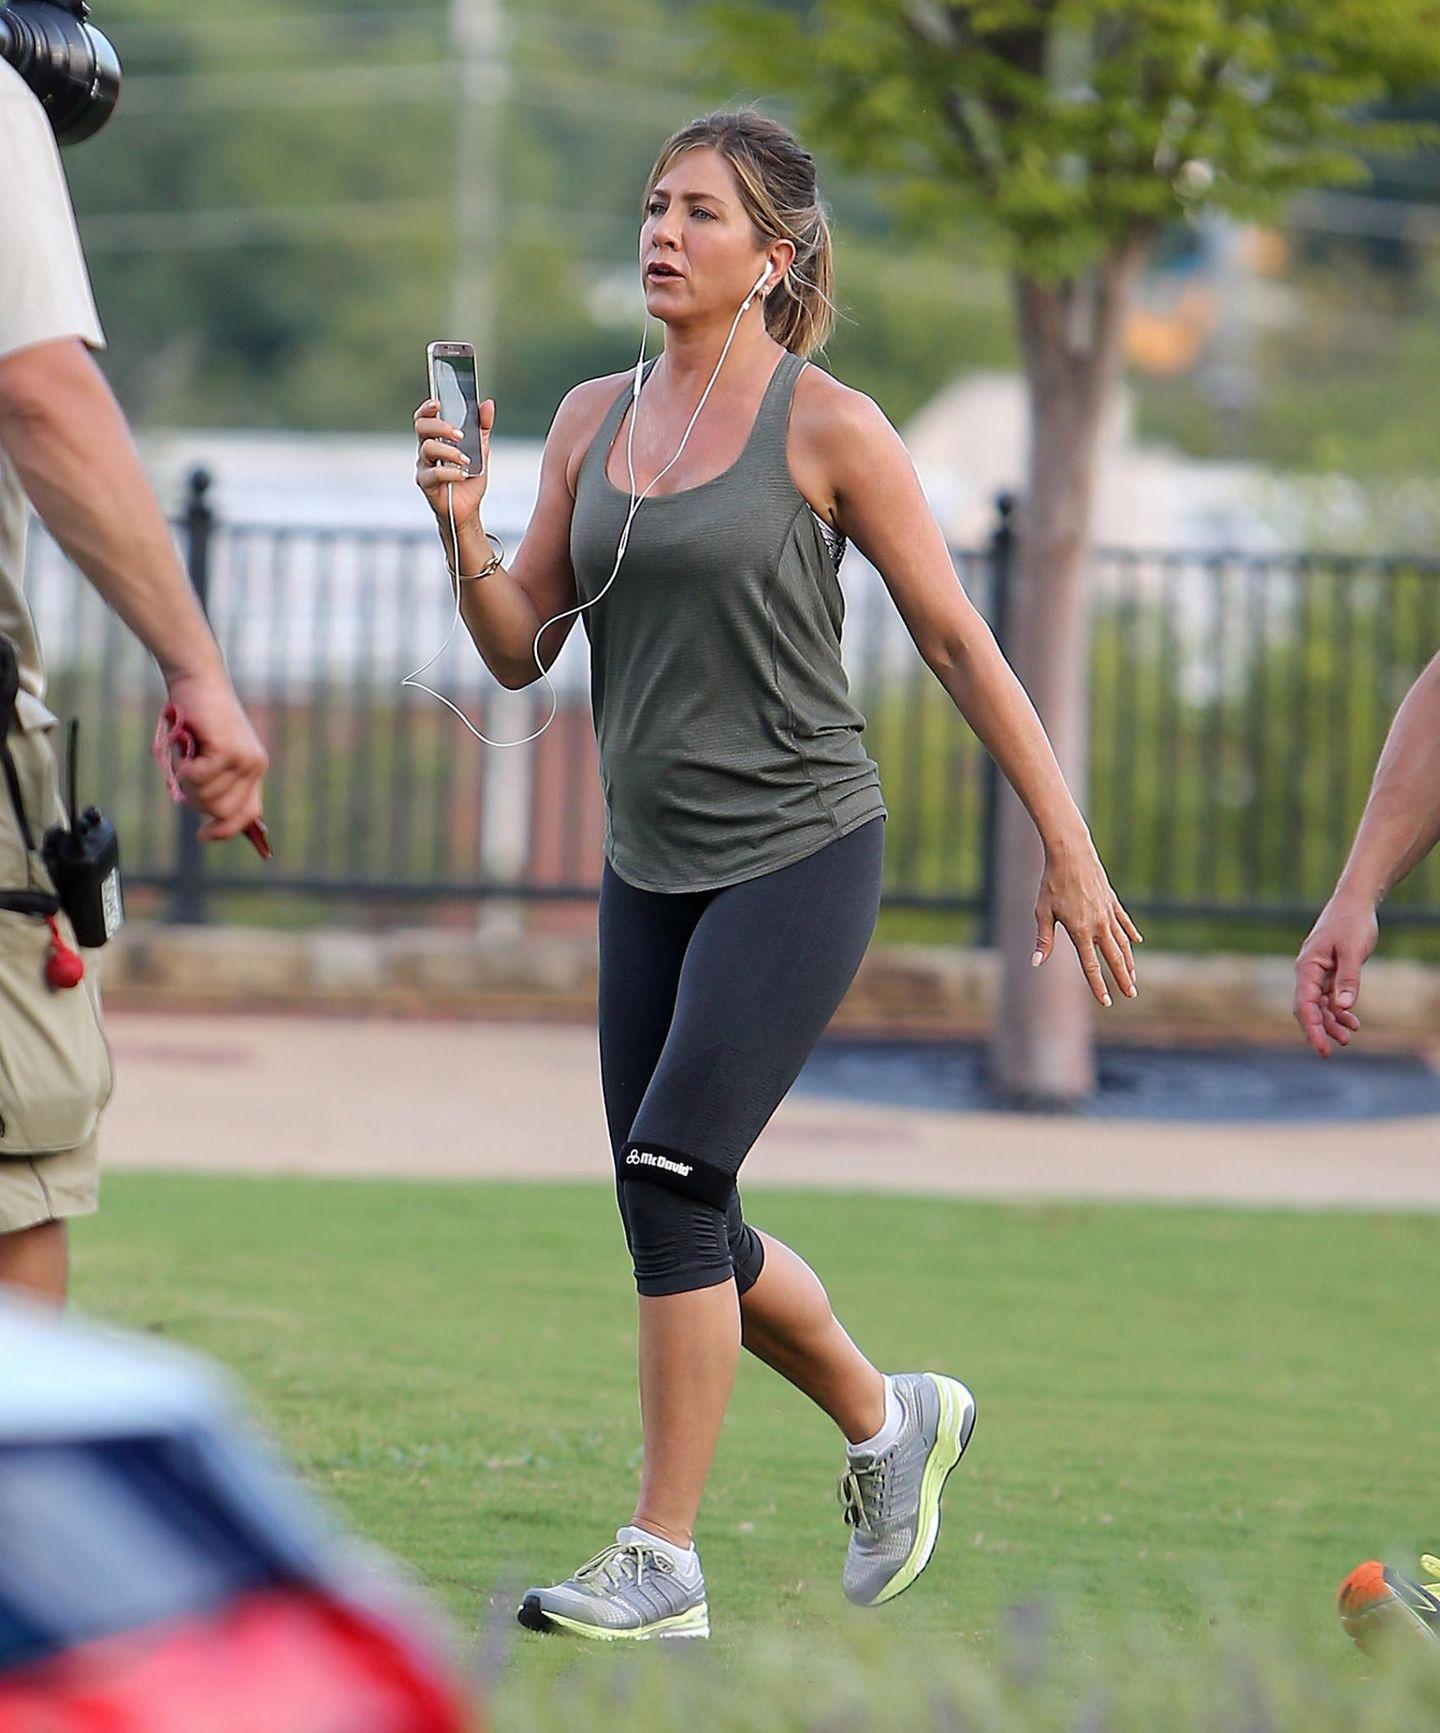 """1. September 2015: Bei den Dreharbeiten zu dem Film """"Mother's Day"""" geht es für Jennifer Aniston sportlich zu."""